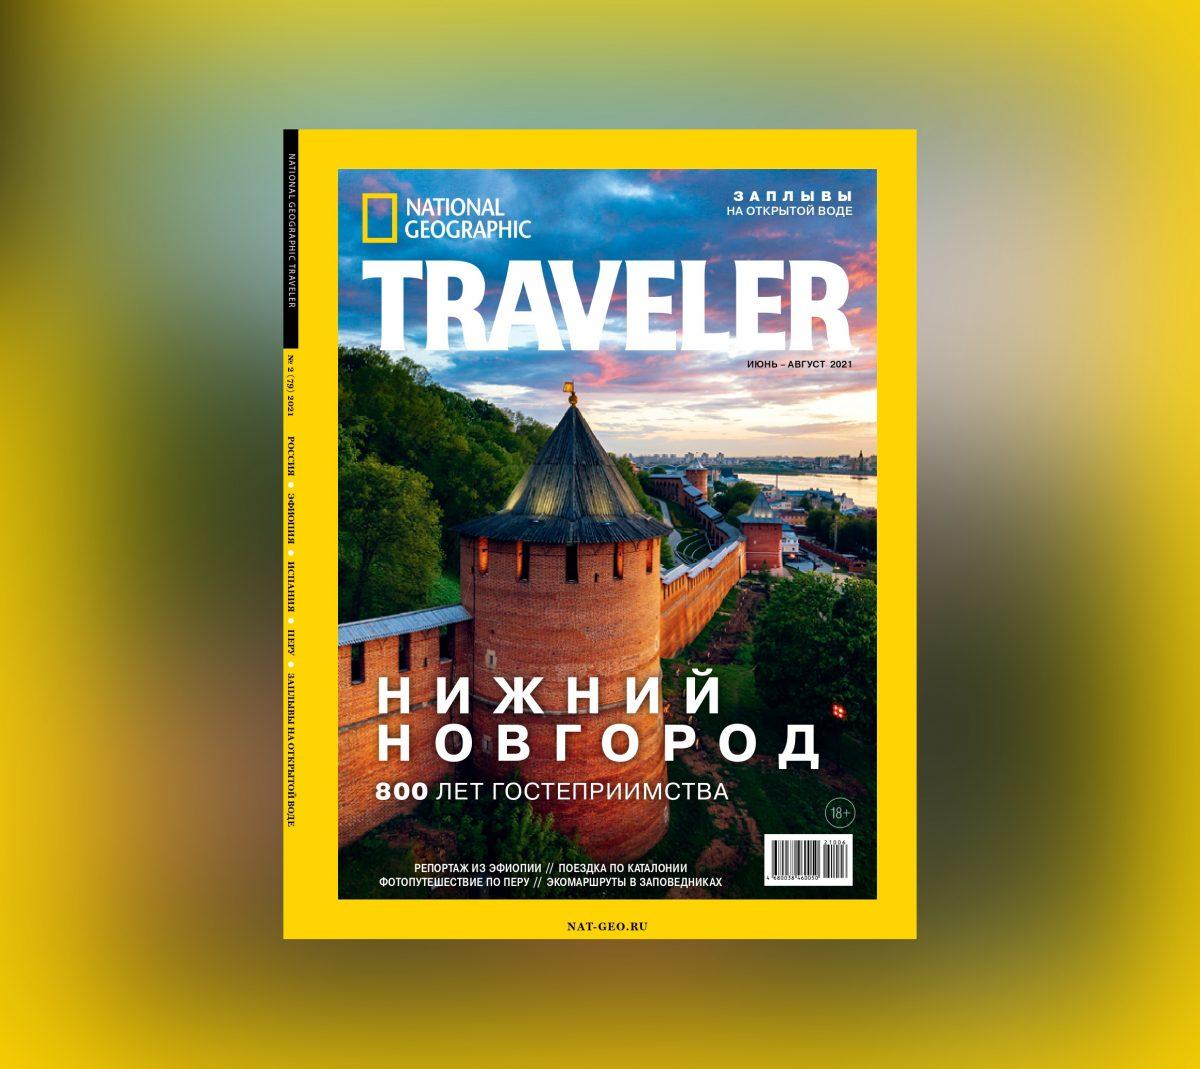 Нижегородский кремль украсил обложку летнего выпуска легендарного журнала National Geographic Traveler